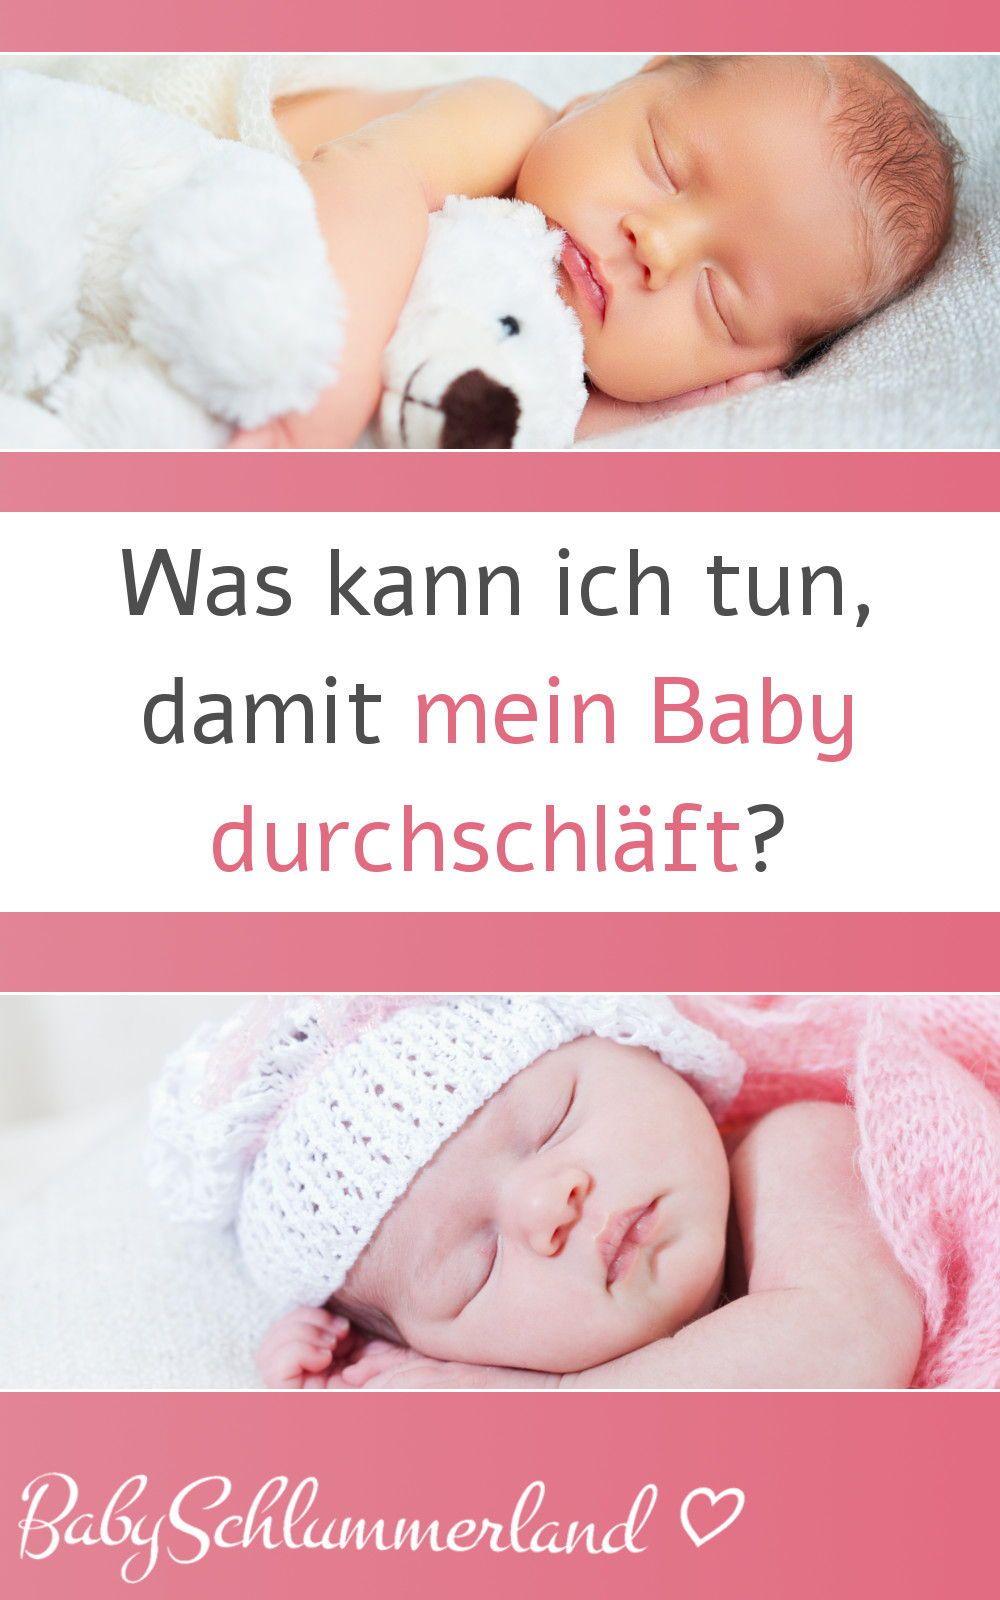 Was Kann Ich Tun Damit Mein Baby Durchschlaft Eine Ganze Menge Schlaf Baby Baby Durchschlafen Baby Zum Schlafen Bringen